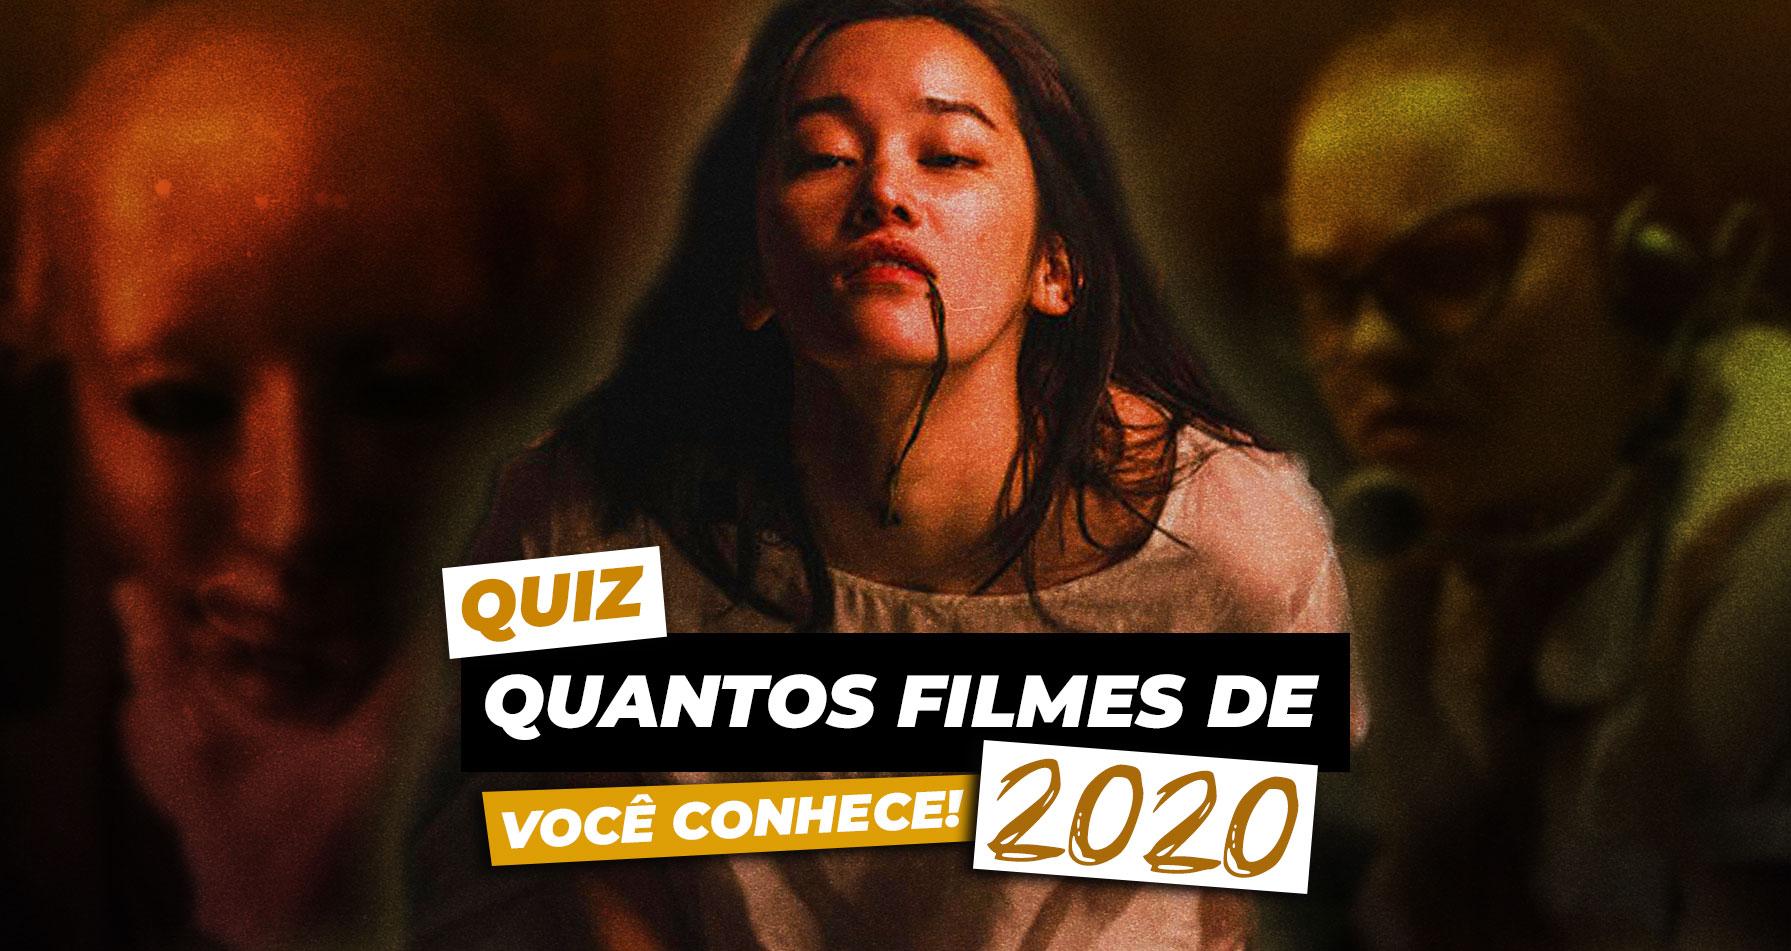 Quantos Filmes de Terror/Suspense de 2020 Você Conhece?